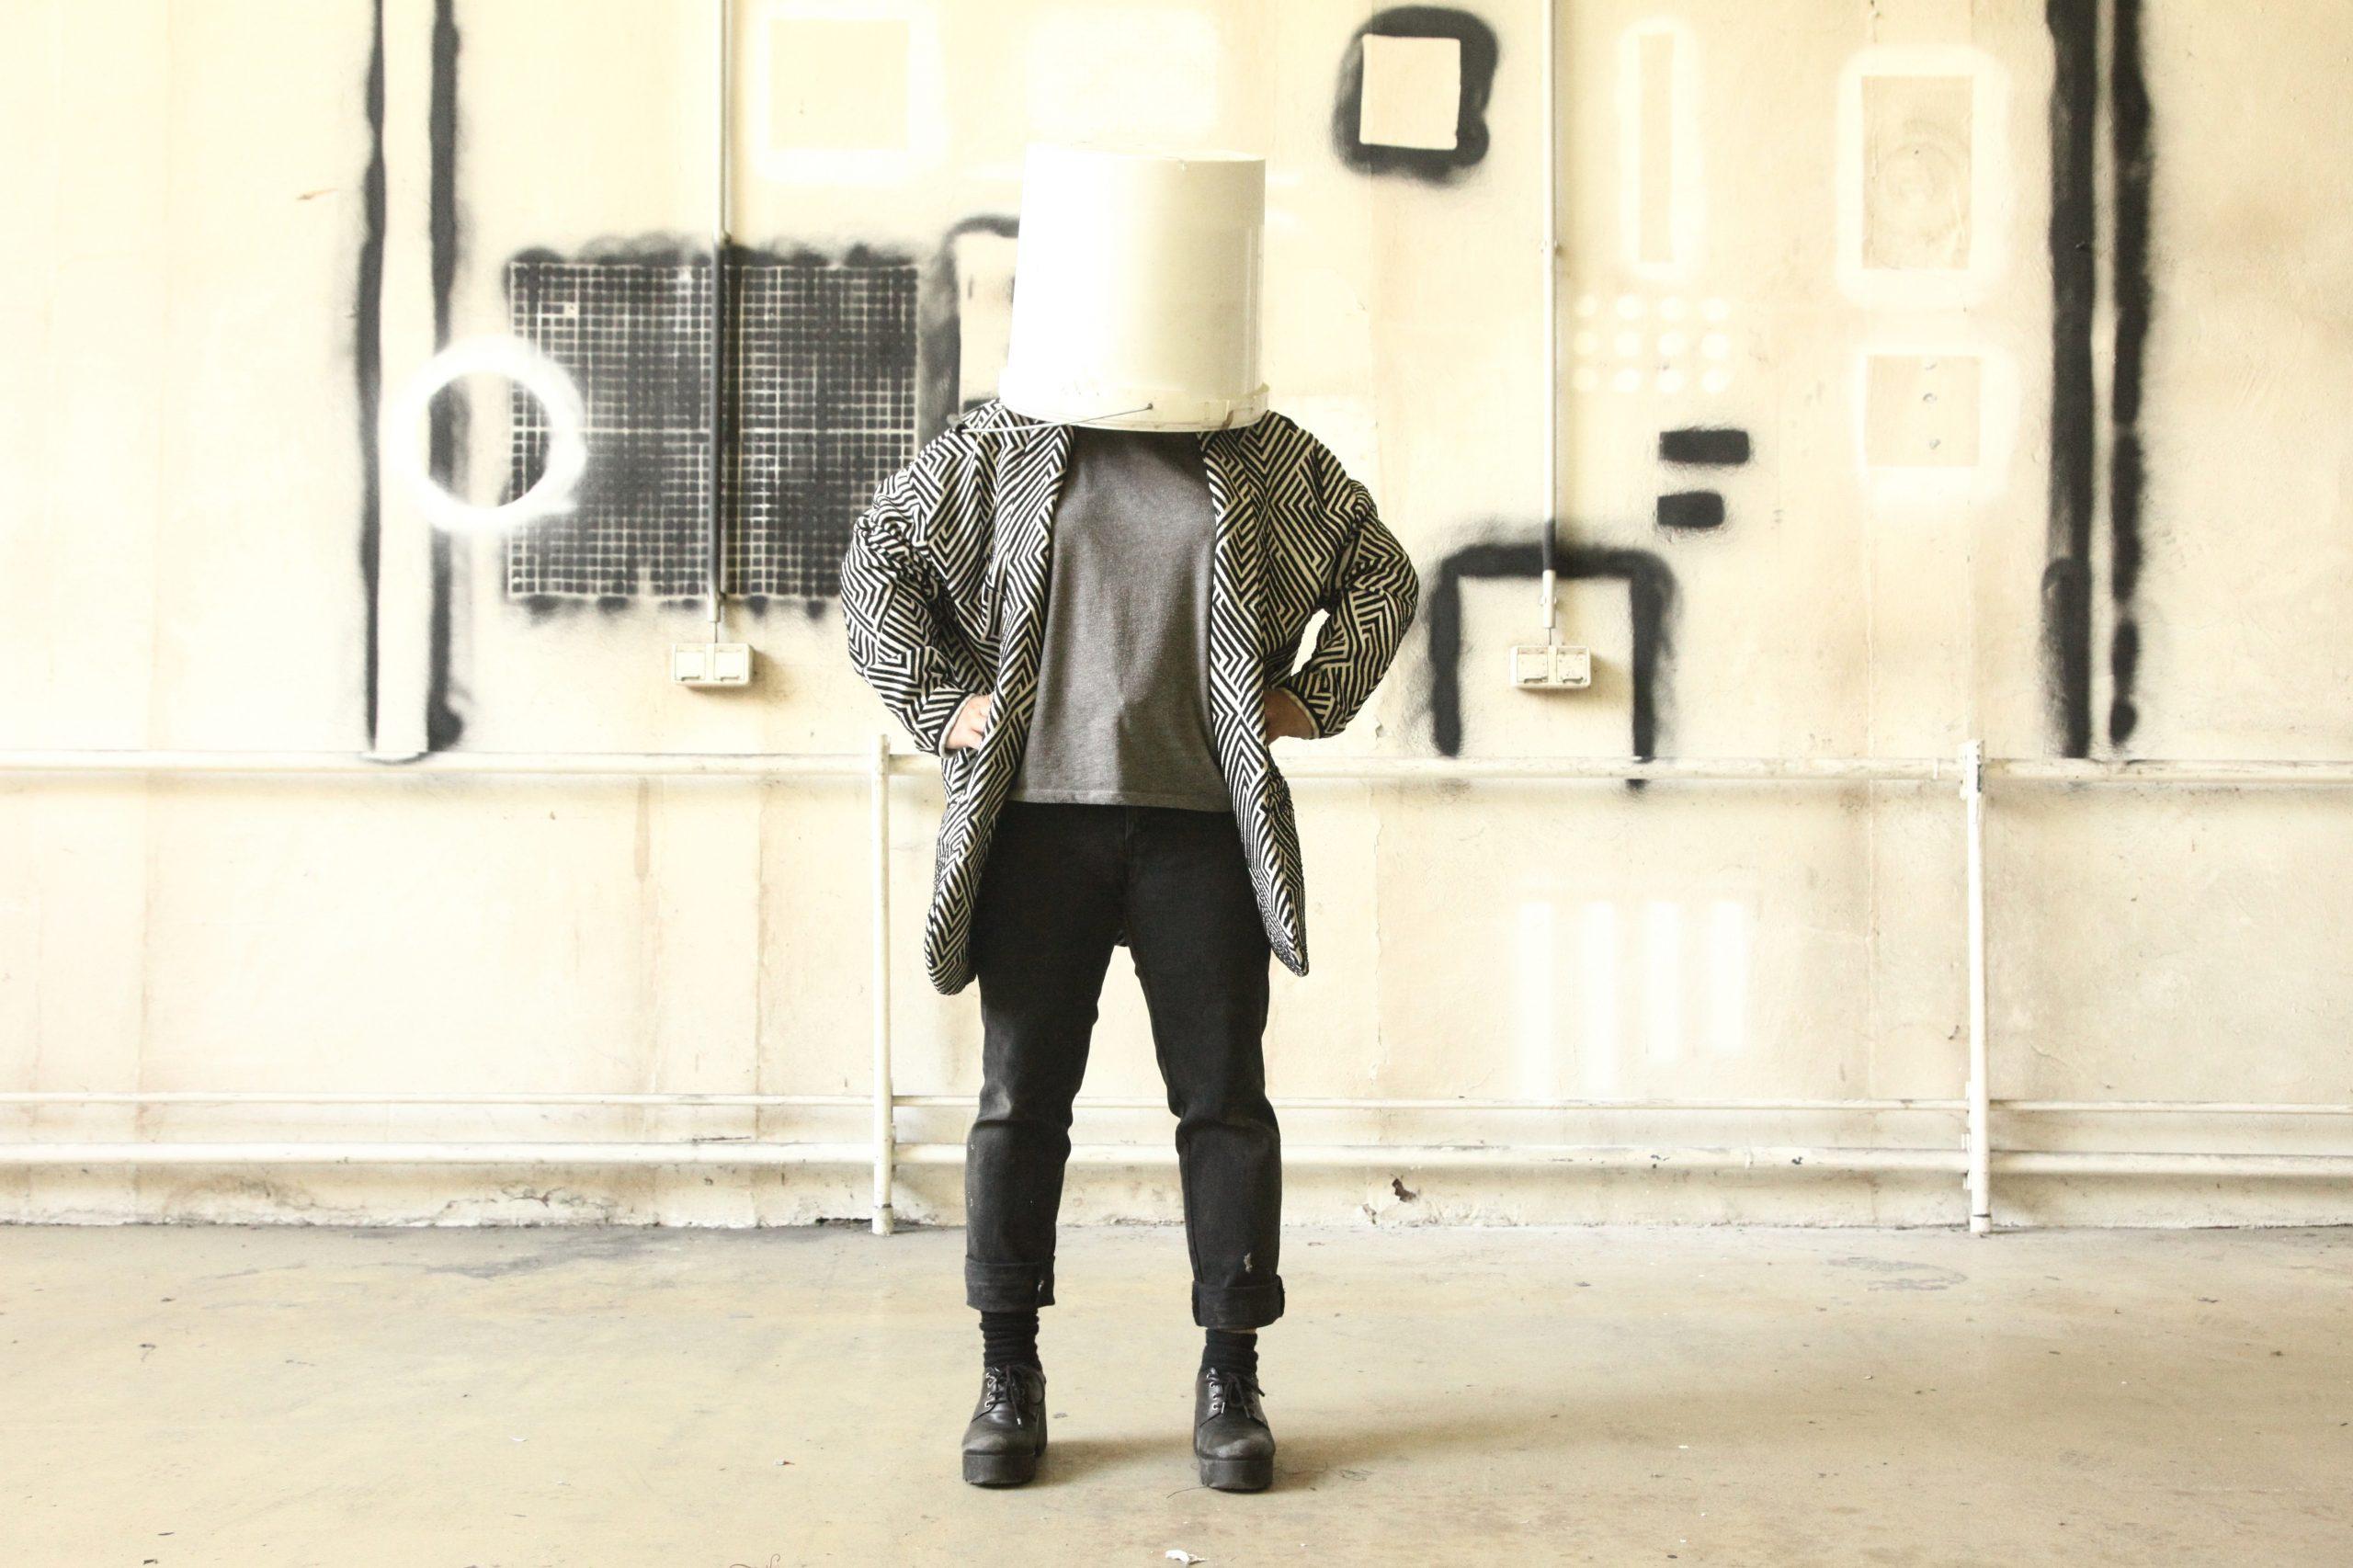 eine Person hat einen weißem Eimer über den Kopf gestülpt und steht, die Hände in die Hüften gestützt vor einer schwarz-weiß bemalten Wand | a person has a white bucket over his head and stands with his hands on his hips in front of a black and white painted wall